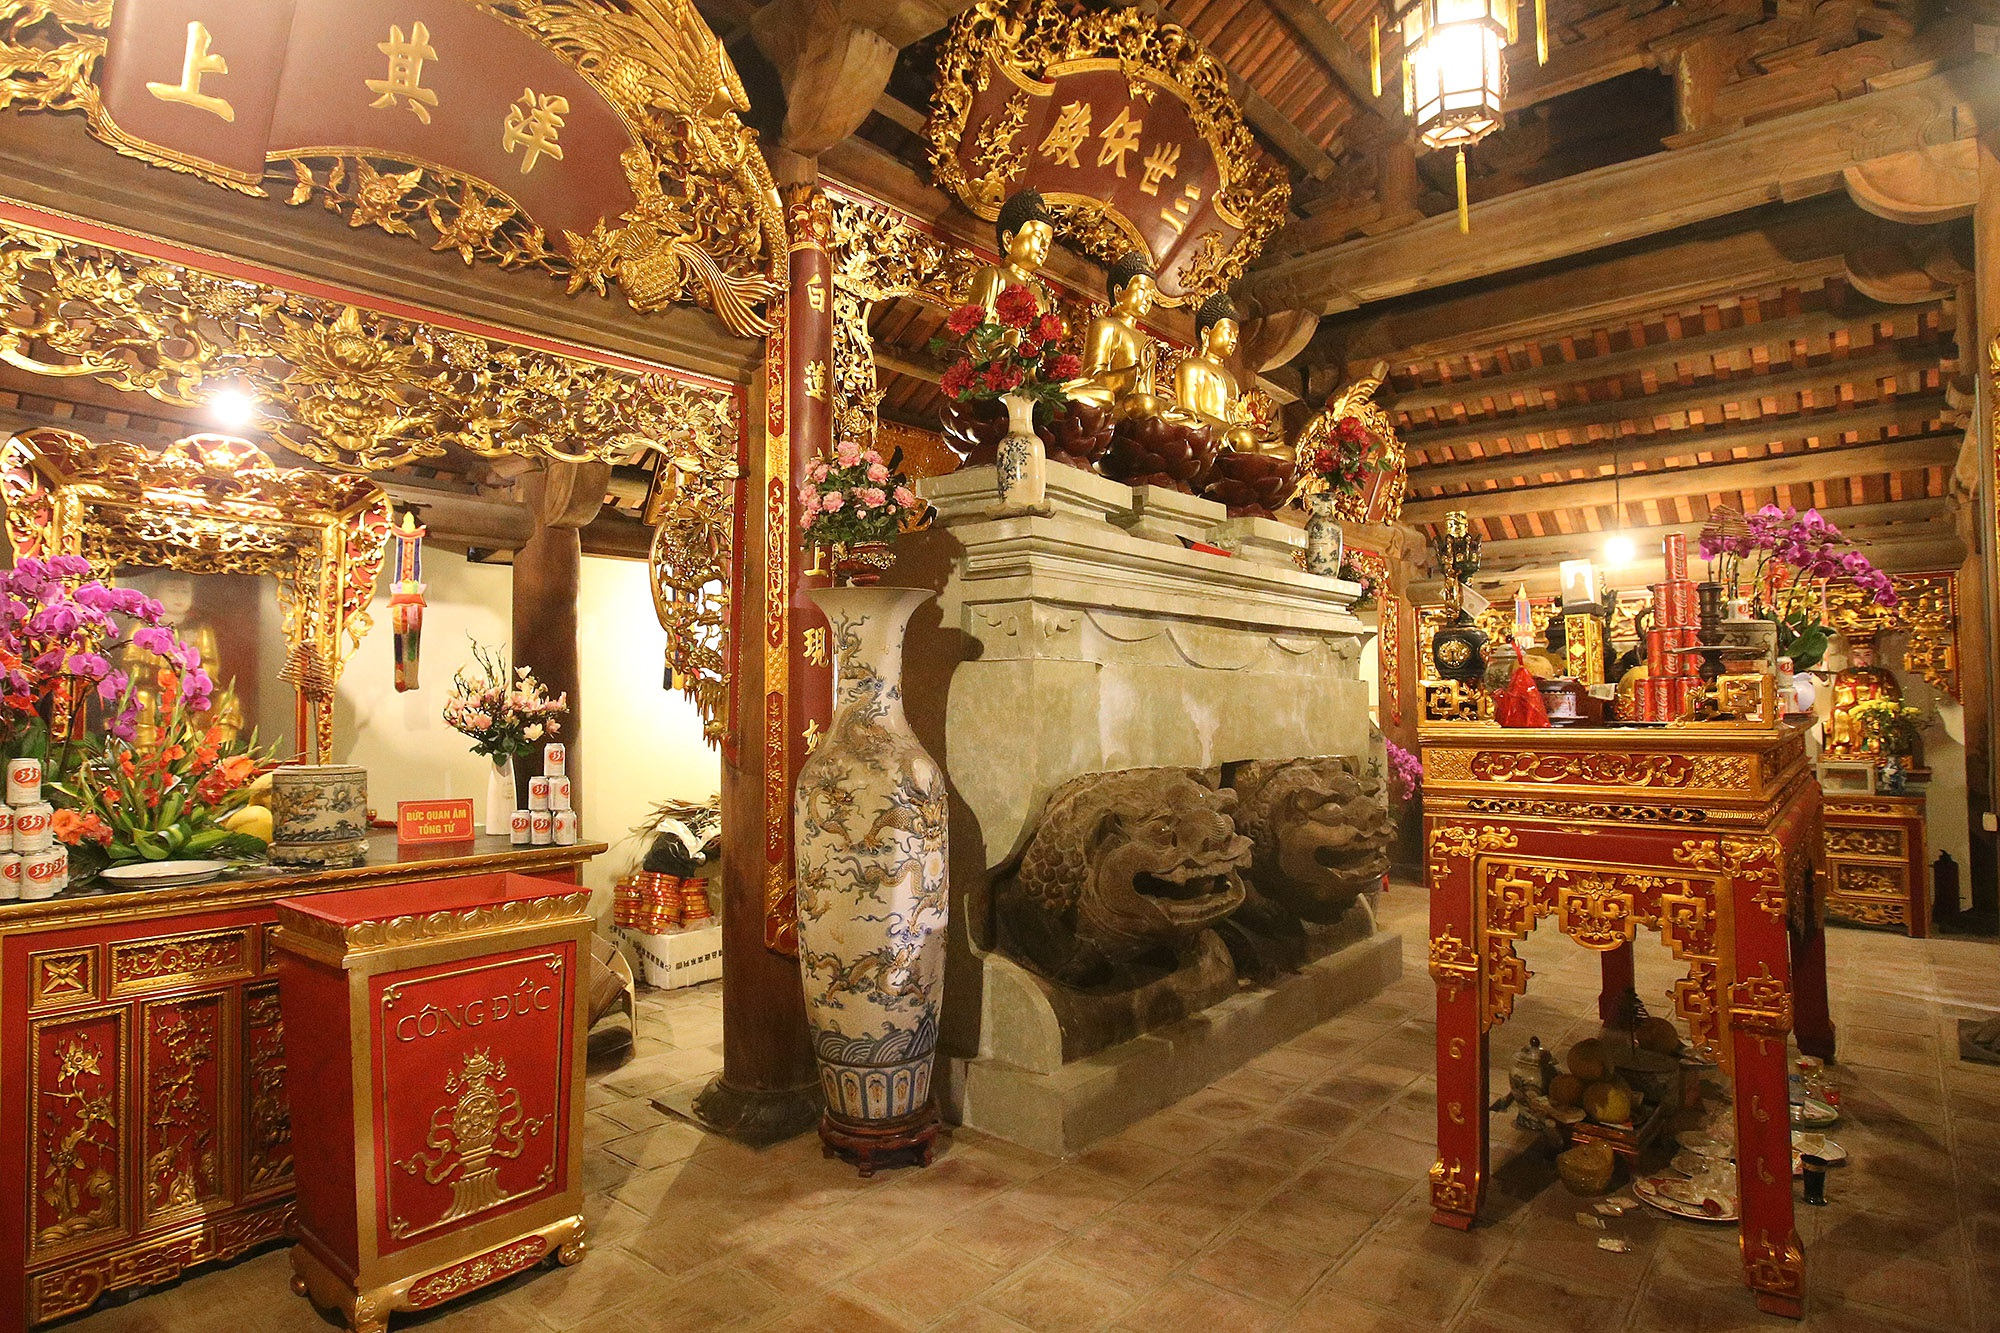 Bảo vật quốc gia: Tượng đôi sư tử đá và Khám thờ gỗ sơn son thếp vàng - 1